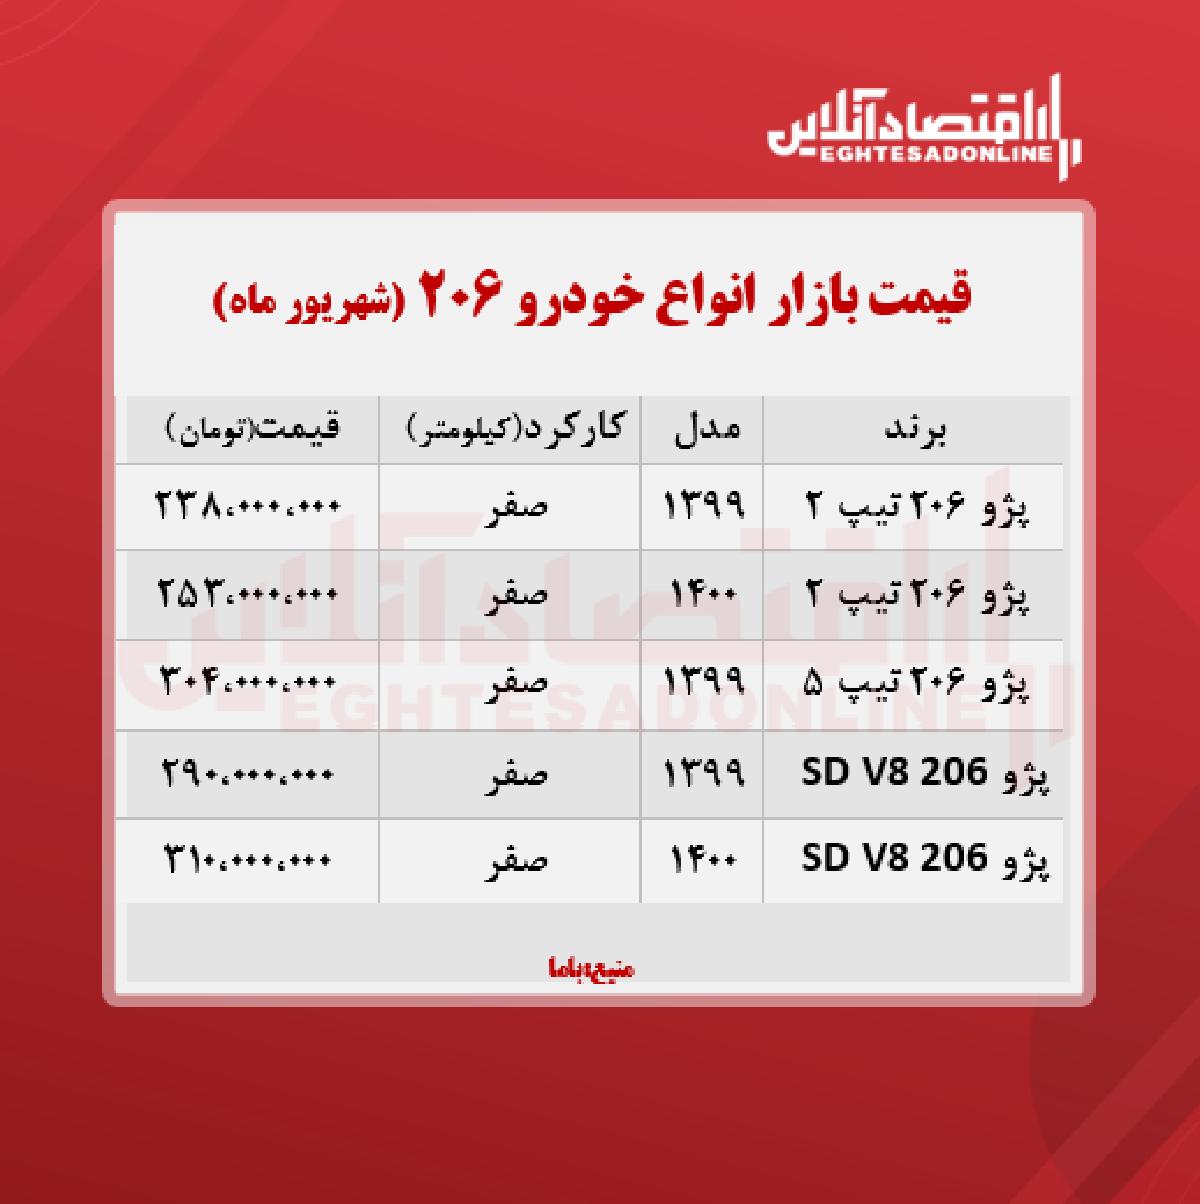 قیمت+انواع+۲۰۶+در+تهران